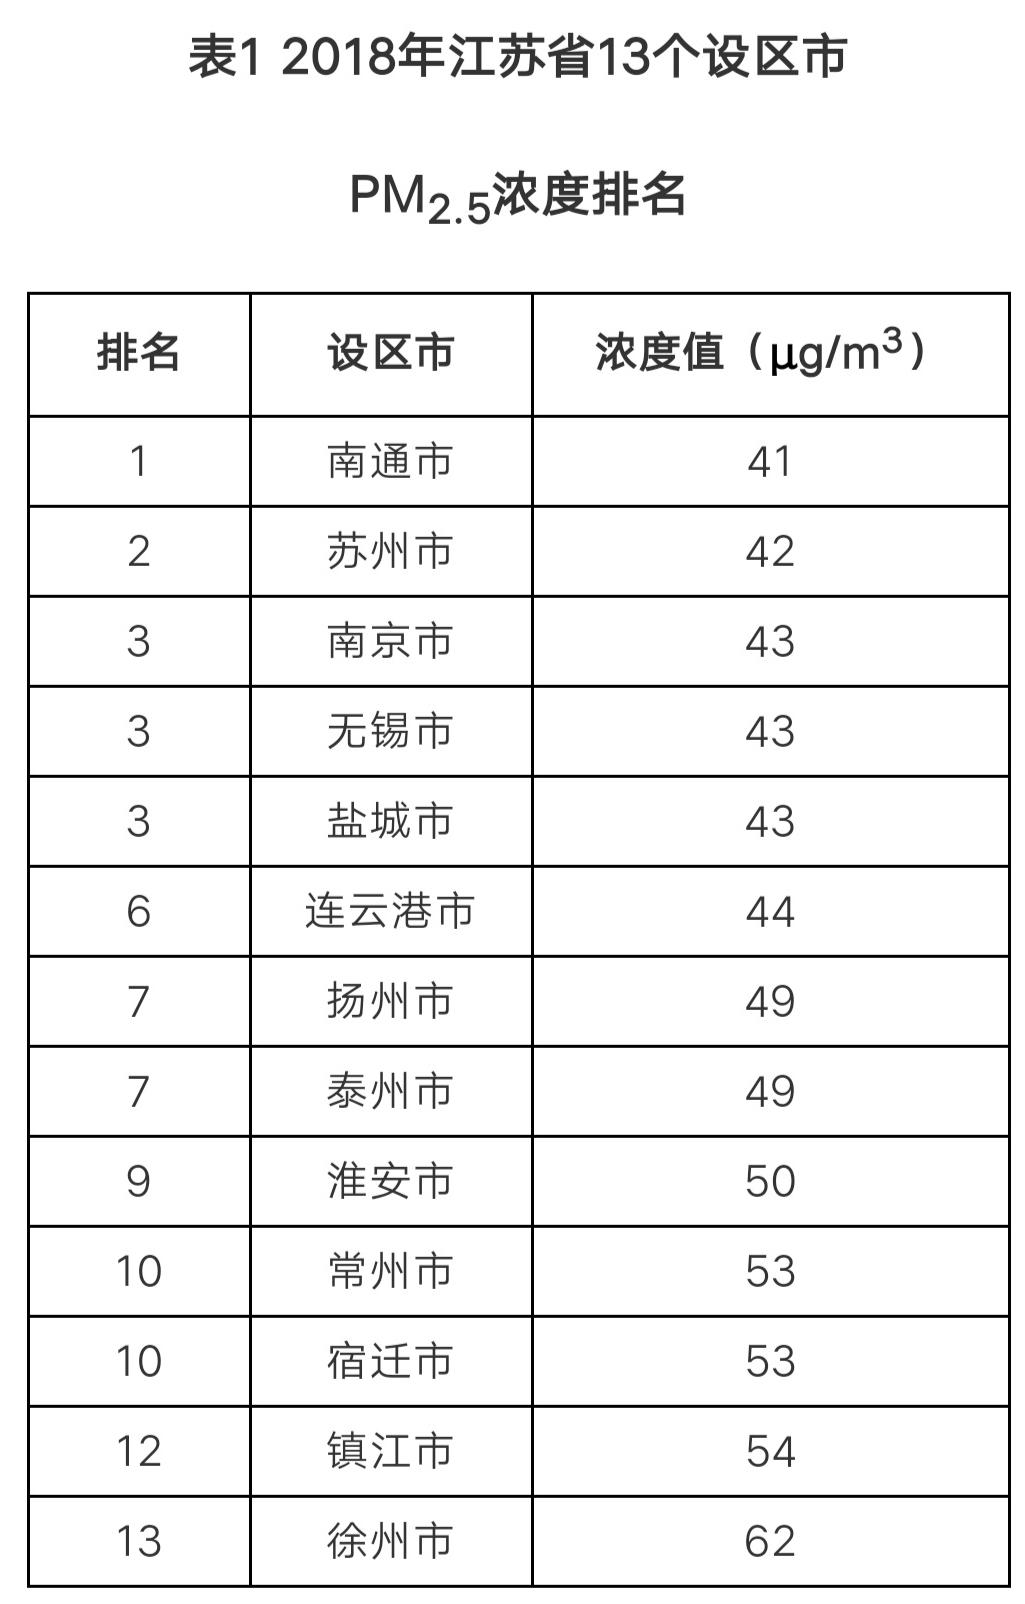 2018年五分11选5省PM2.5浓度排名出炉 全省年均浓度连续6年持续下降